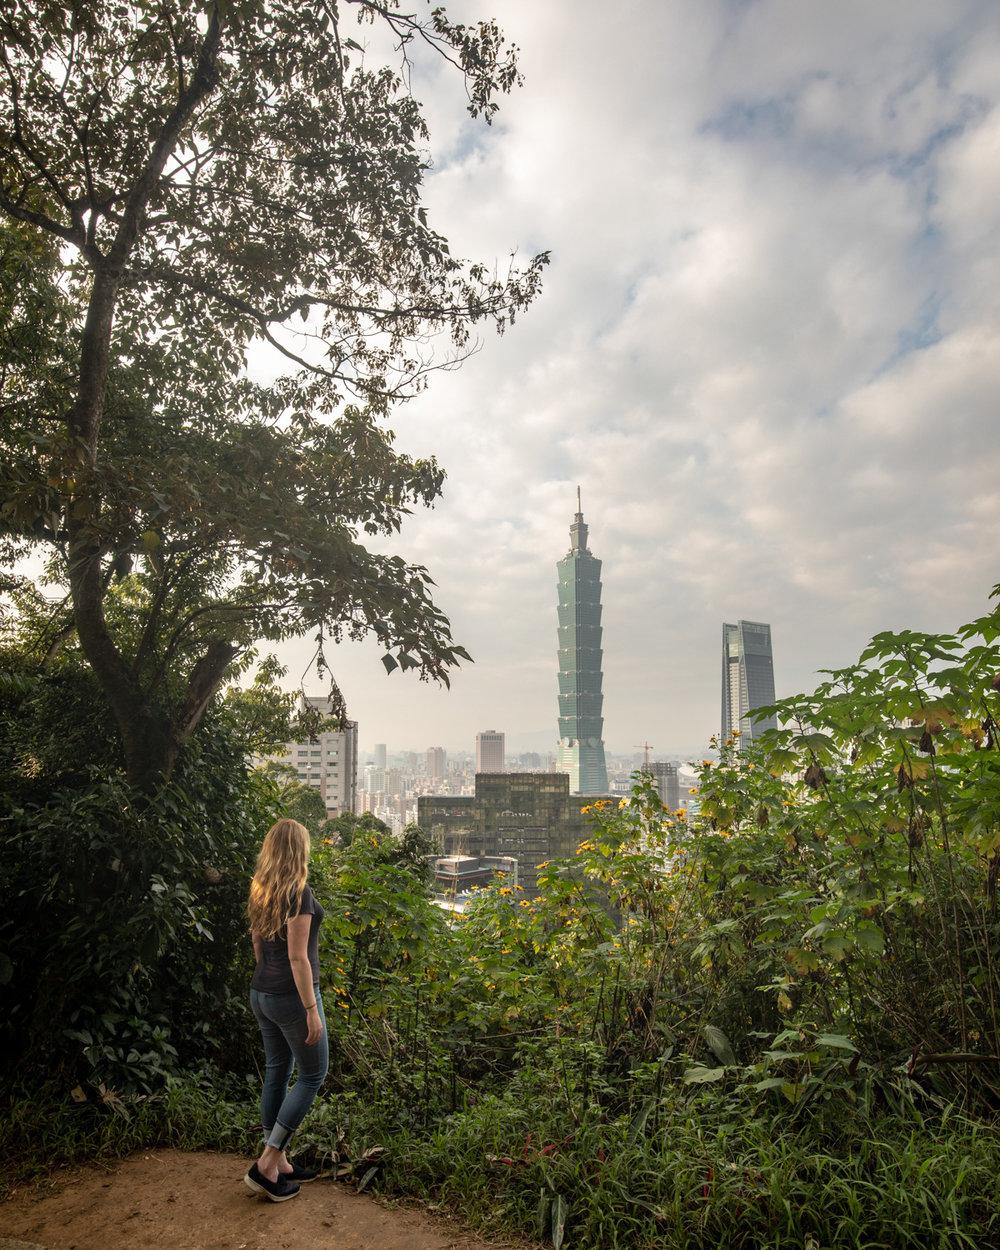 Elephant Mountain Taipei Viewpoints